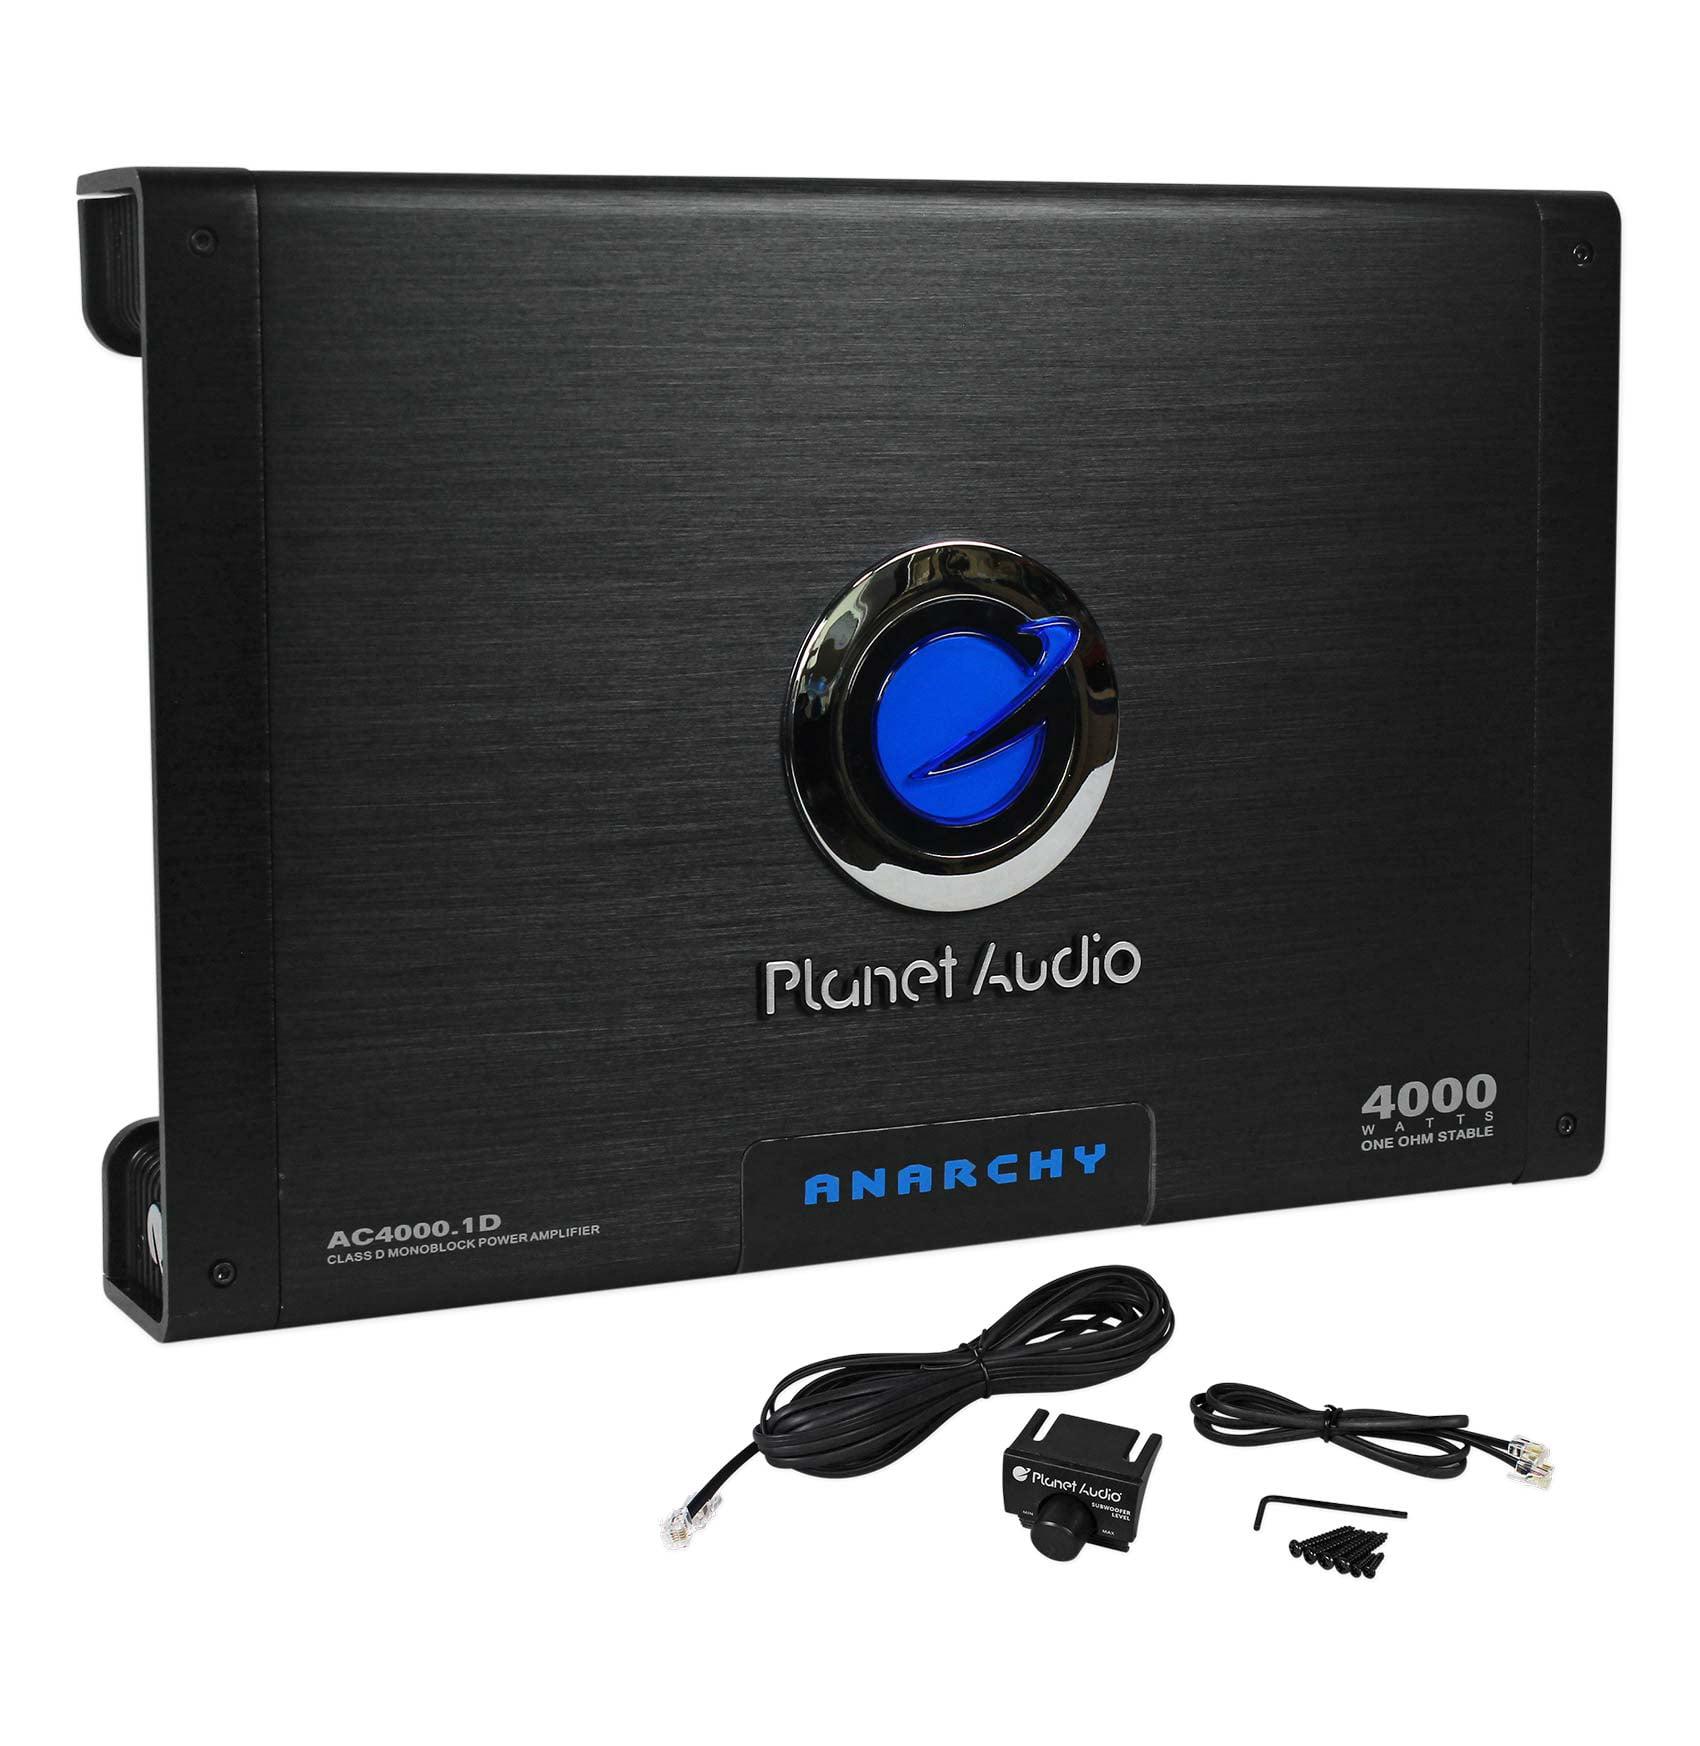 New Planet Audio AC4000.1D 4000 Watt Class D Mono Amplifi...